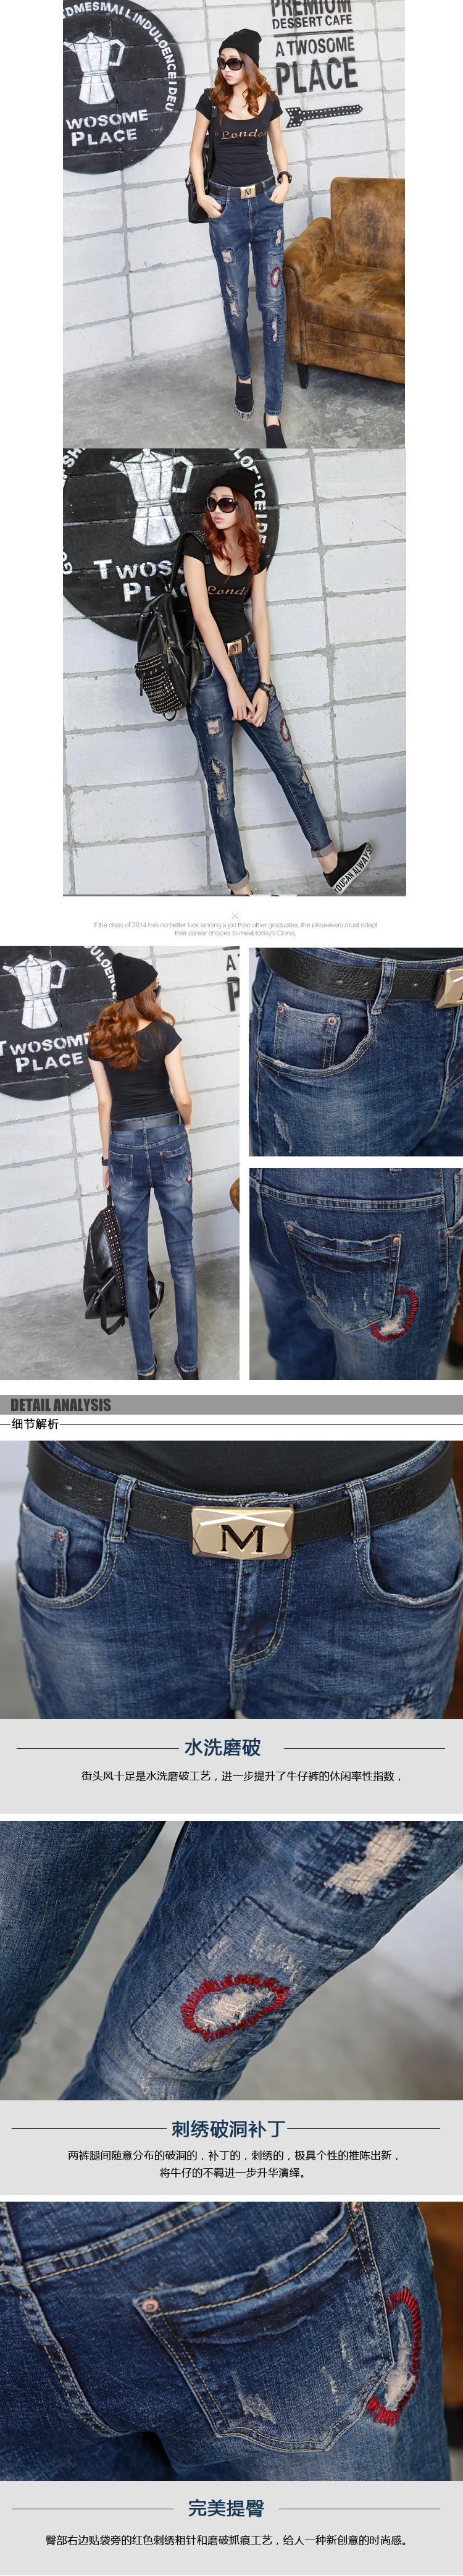 Скидки на 2016 патч джинсы с девушкой vaqueros mujer pantalon femme Имеет эластичность джинсы с вышивкой